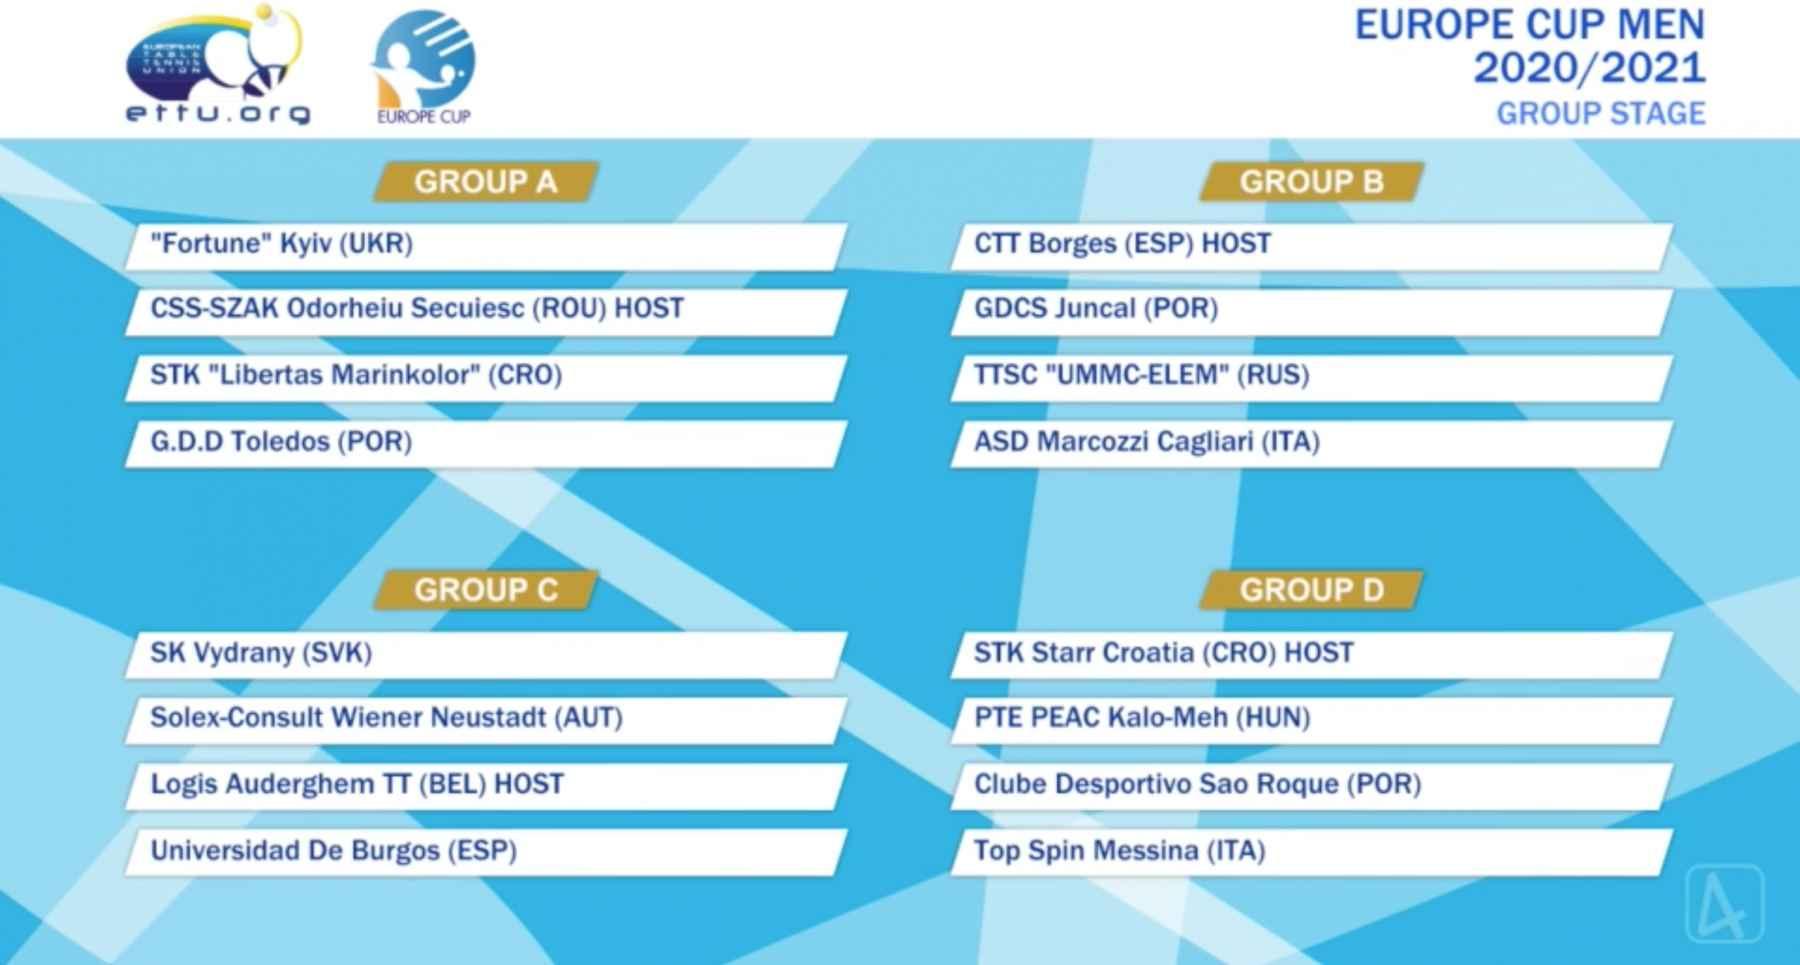 Europe Cup Men